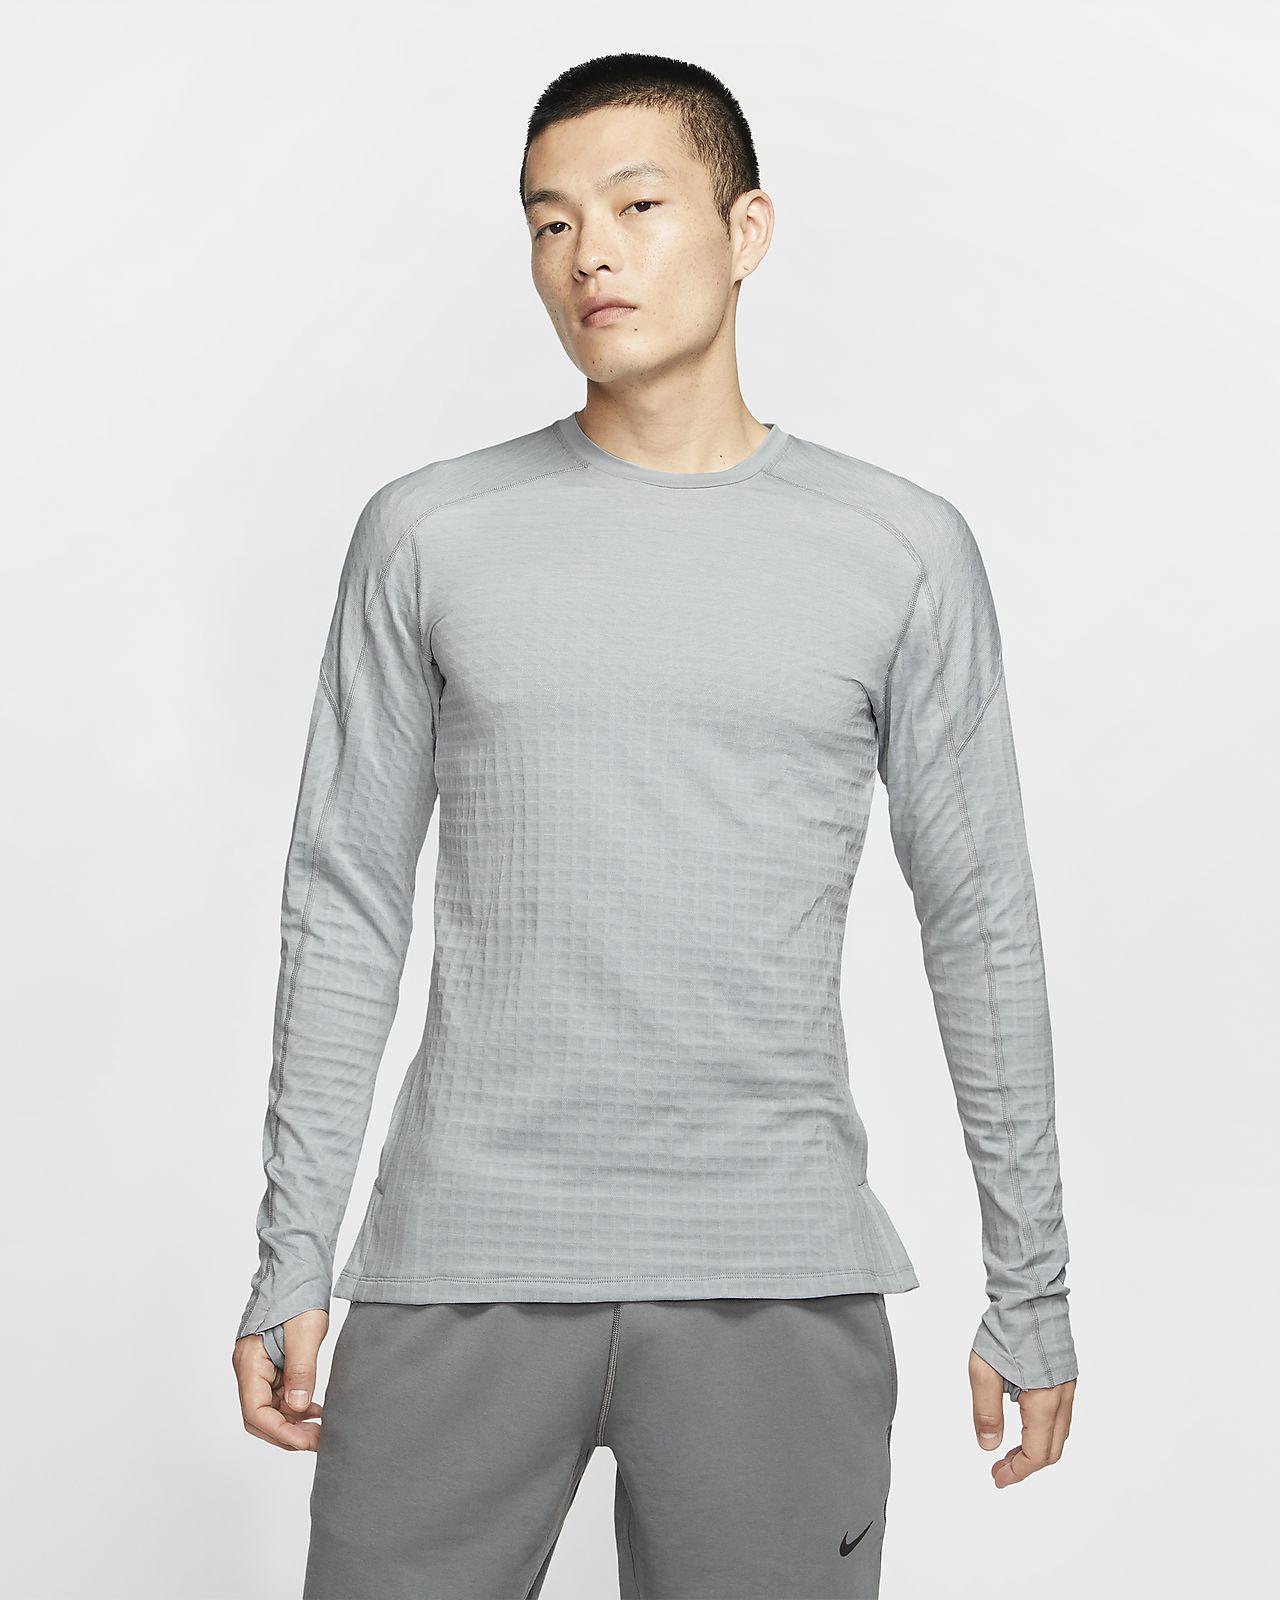 Nike Pro Tech Pack-overdel med langer ærmer til mænd